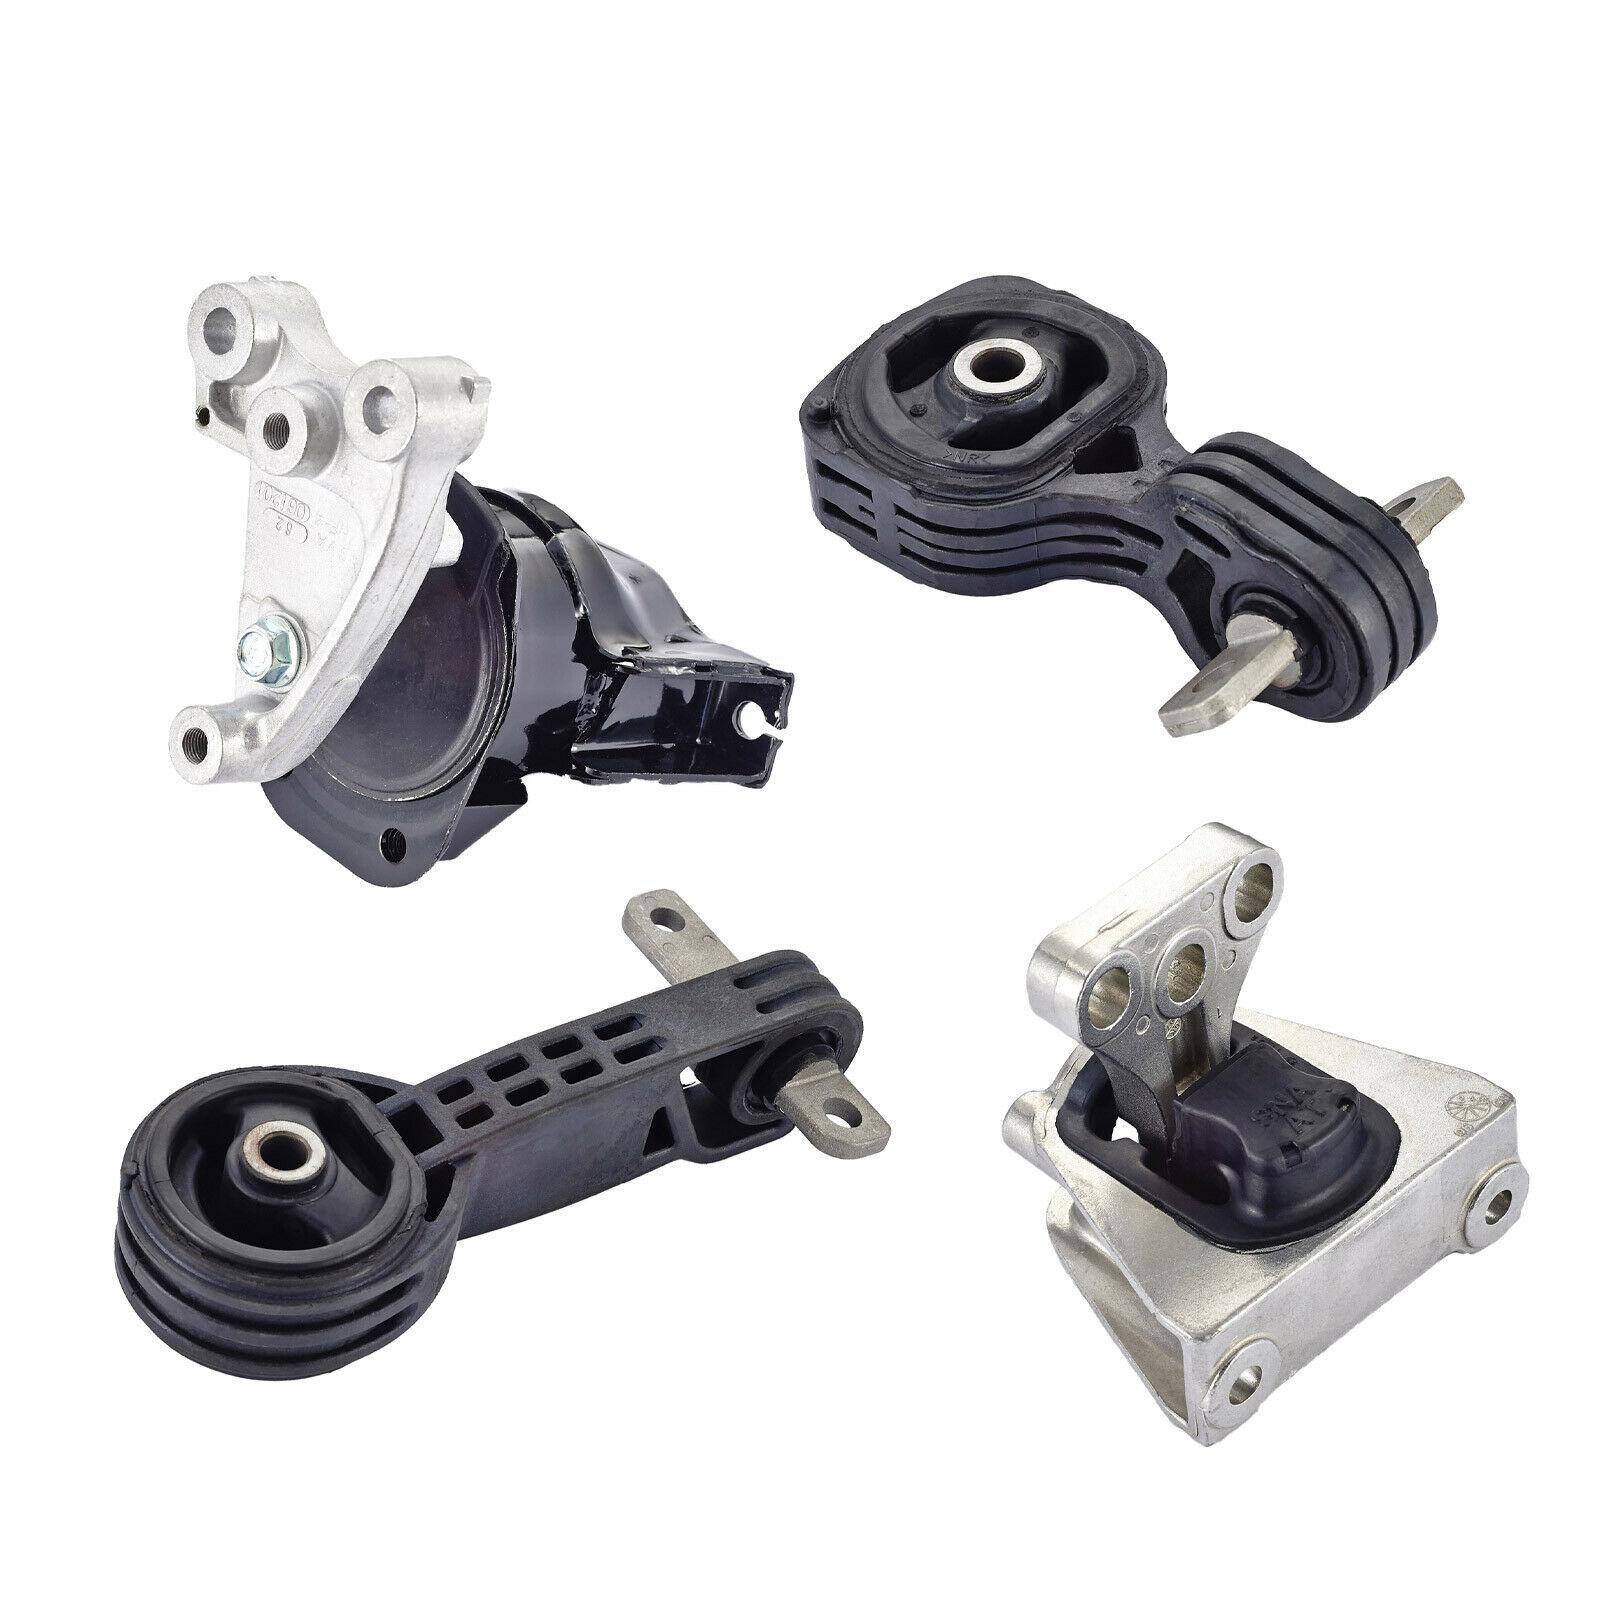 Solid transmission mounts